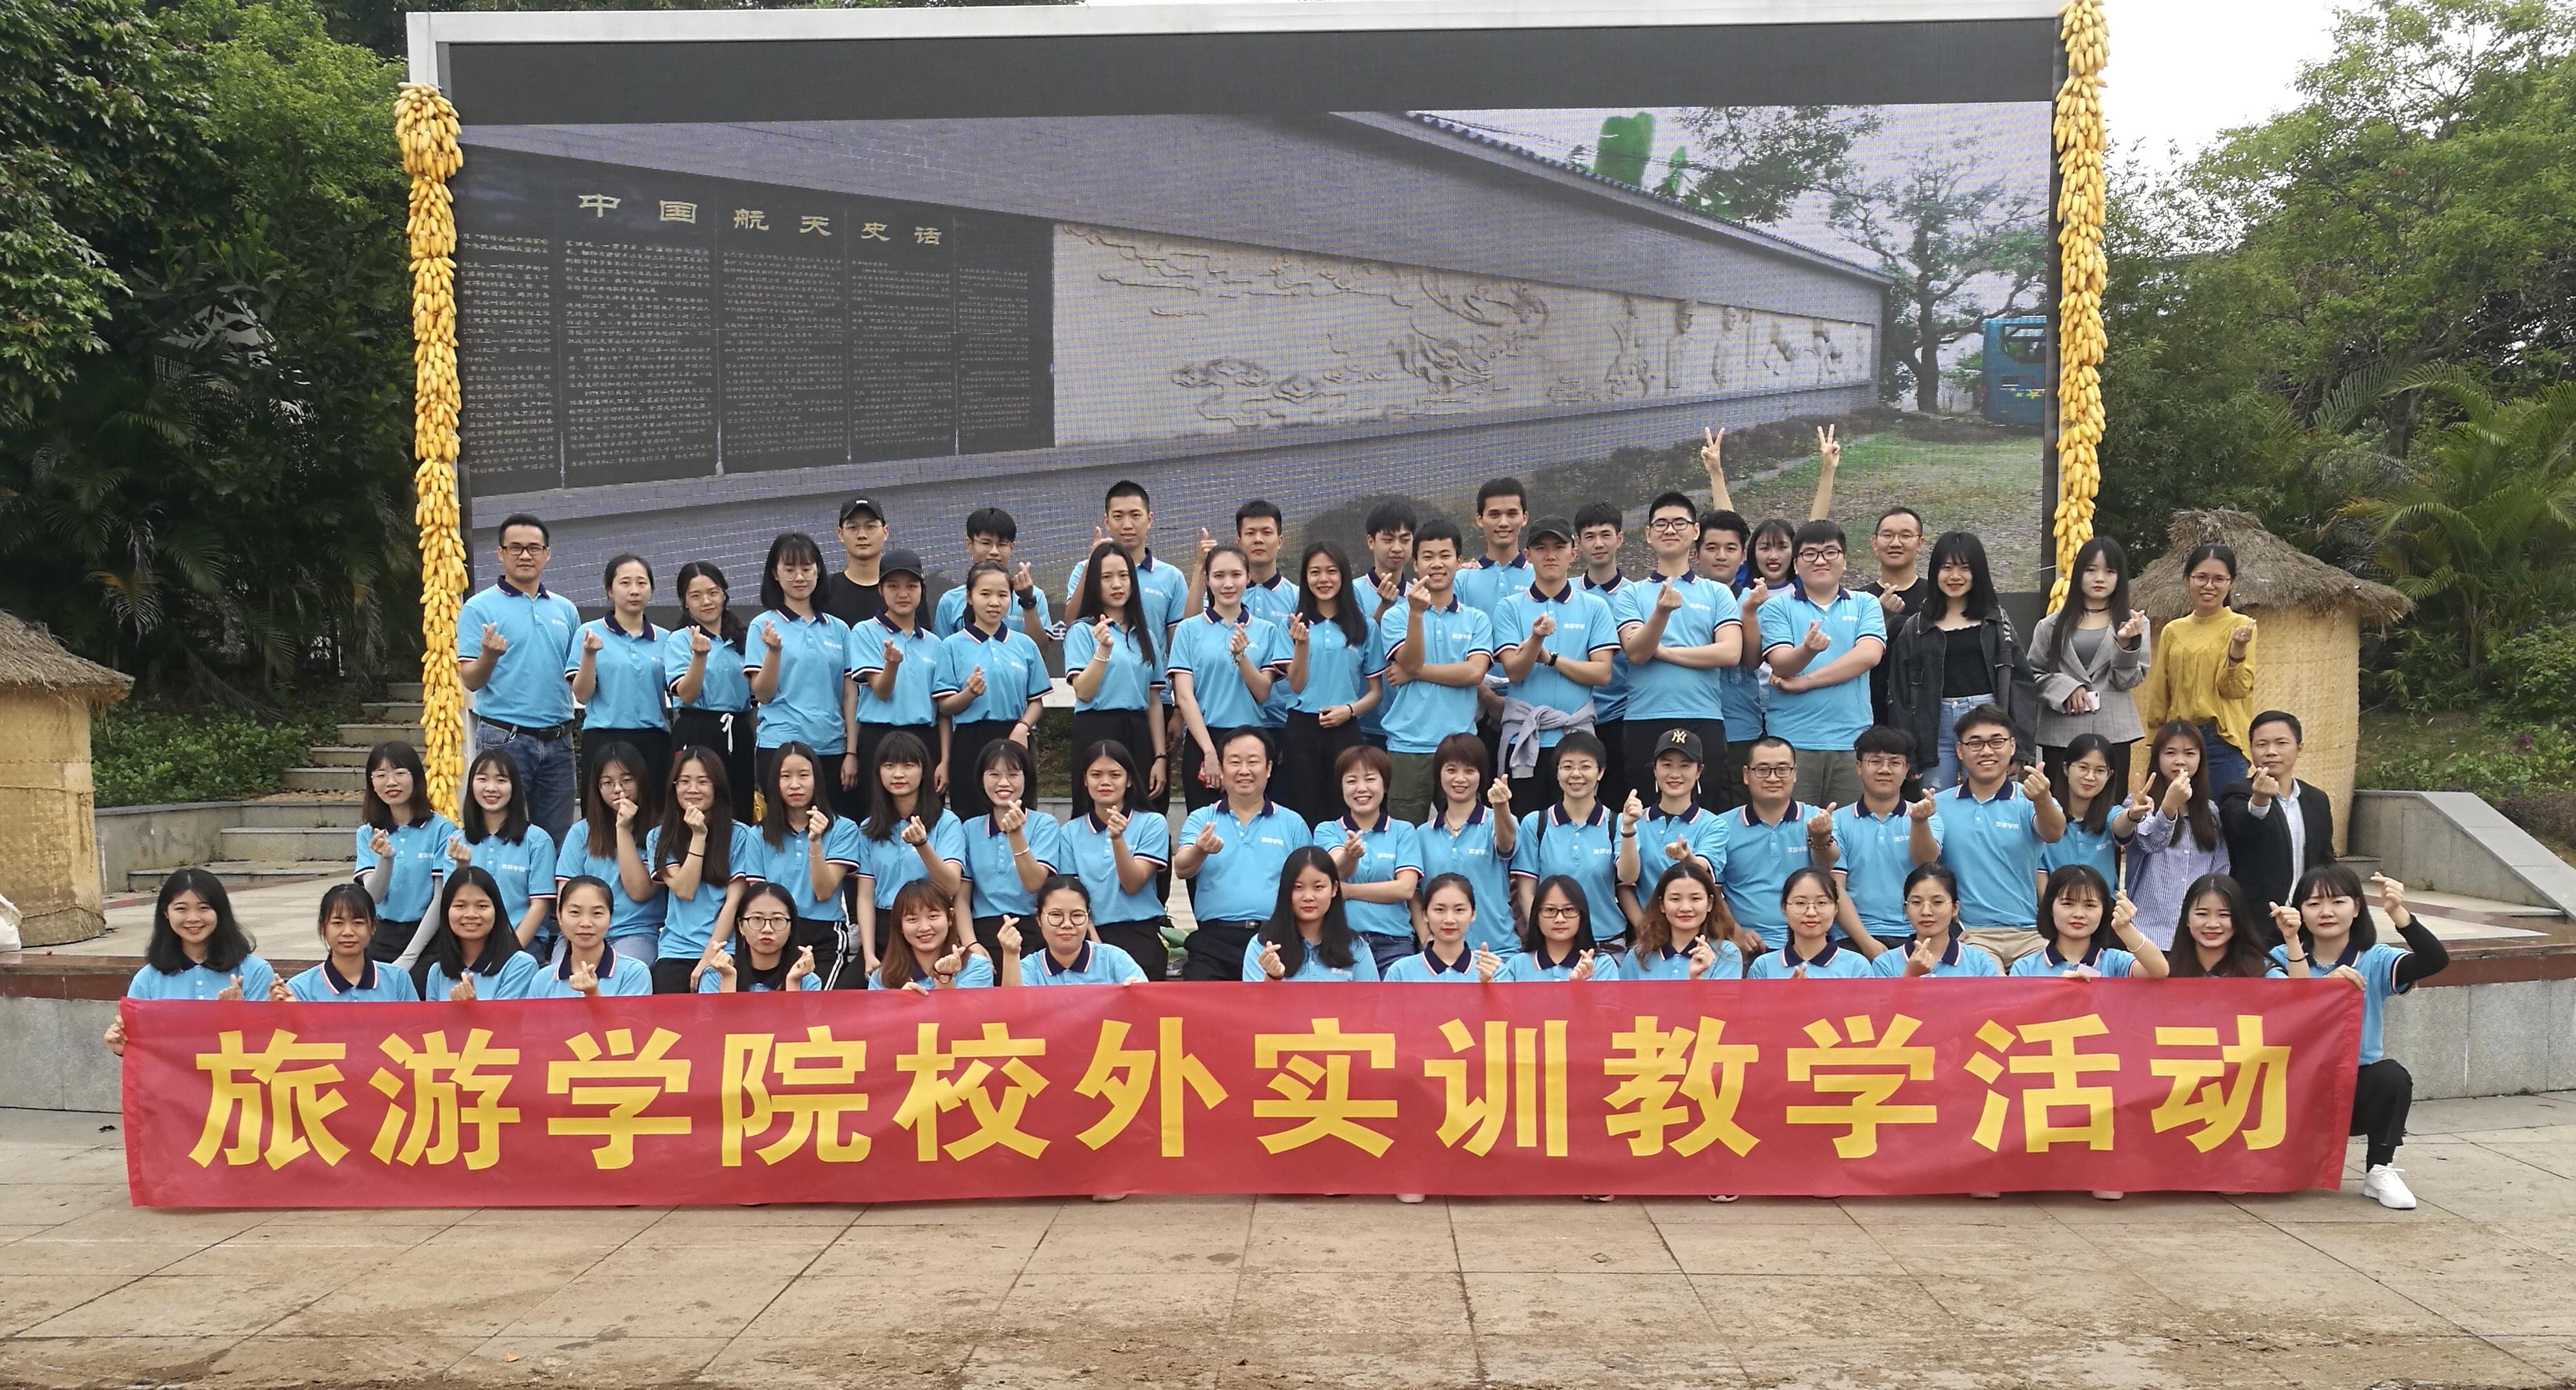 17旅游管理专业校外集中实训顺利开展